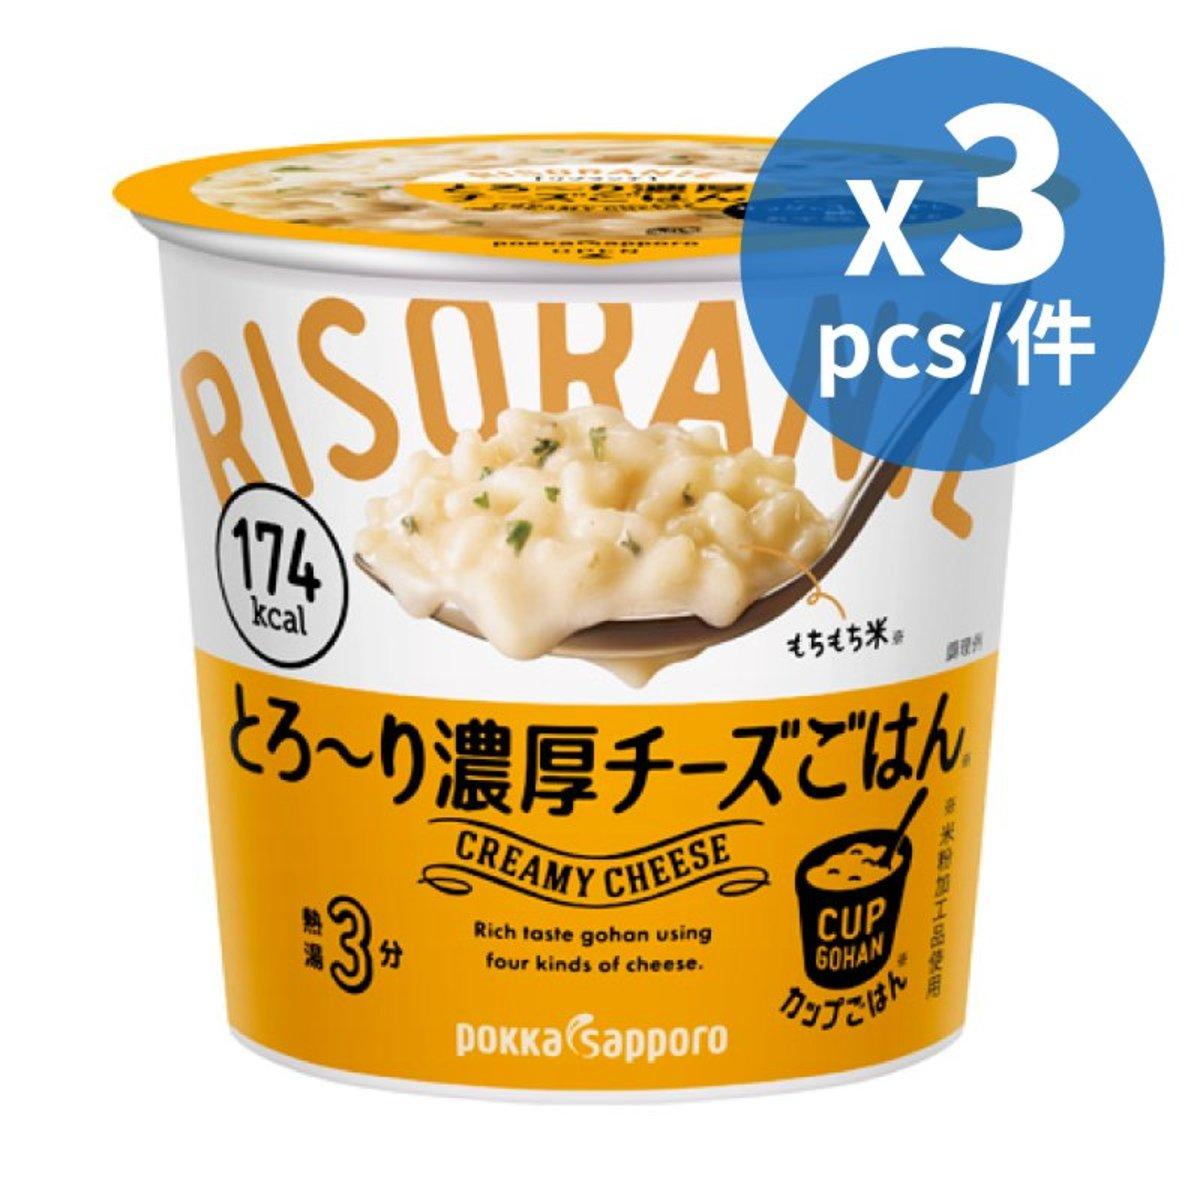 濃厚芝士 - 意大利燴飯 44.4g X 3 (174 kcal)